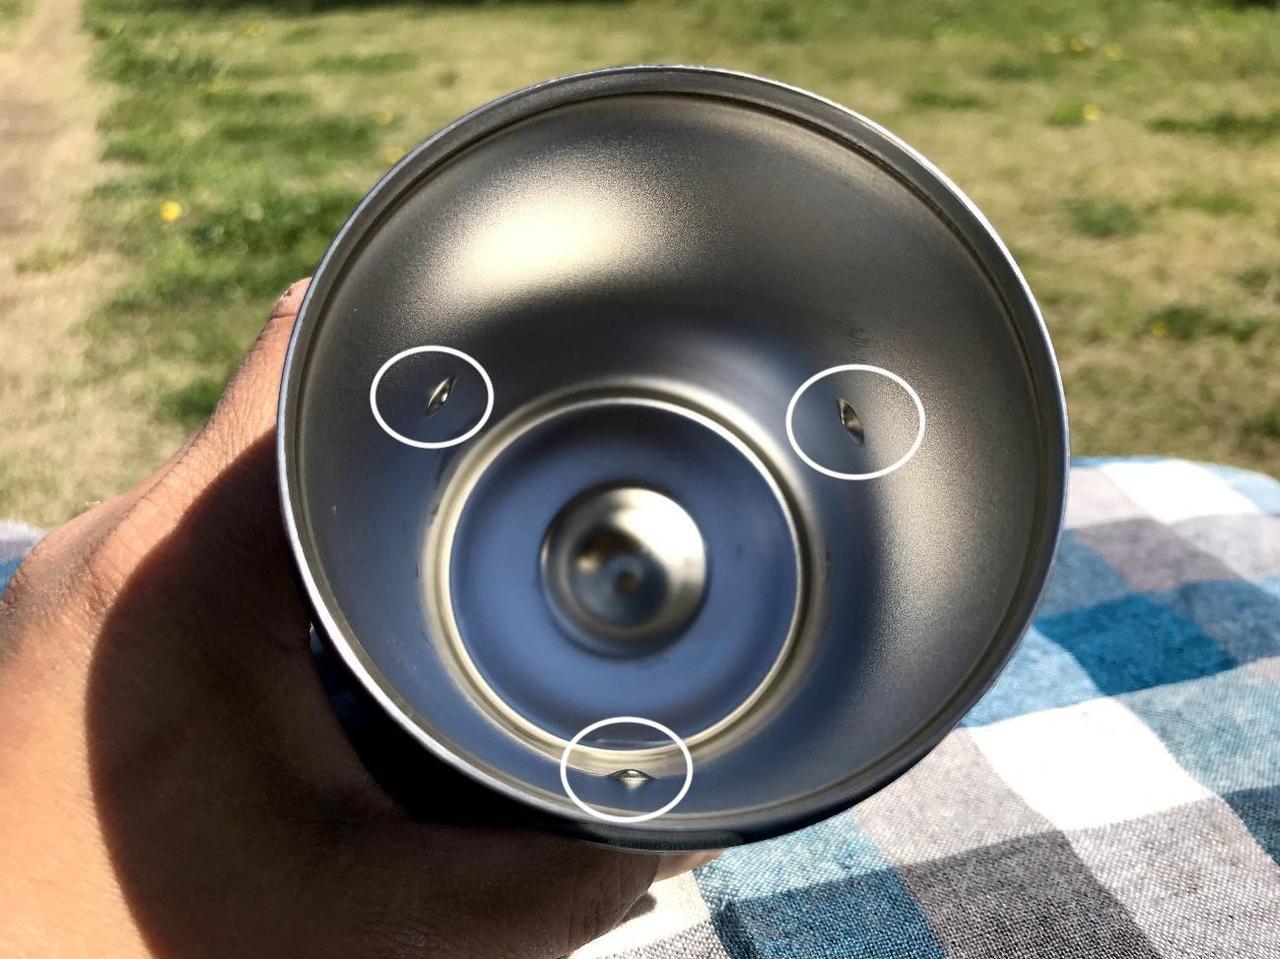 画像: 内側に3か所ボコッとした出っ張りがあるため缶がフィット(白枠部分) 筆者撮影